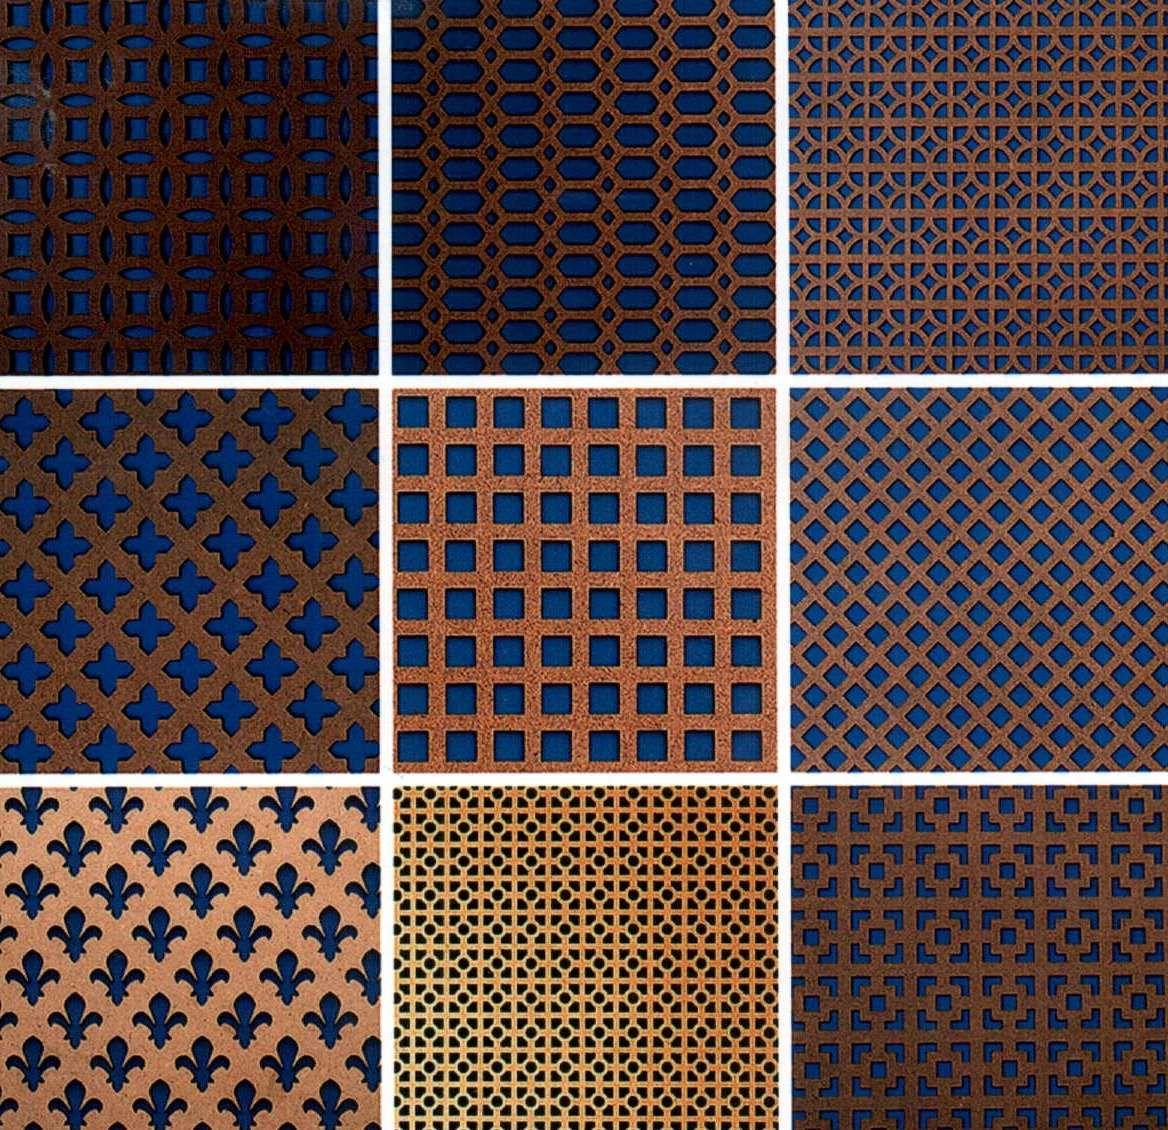 Metal Screen Material : Decorative metal screen sheet material screening panels